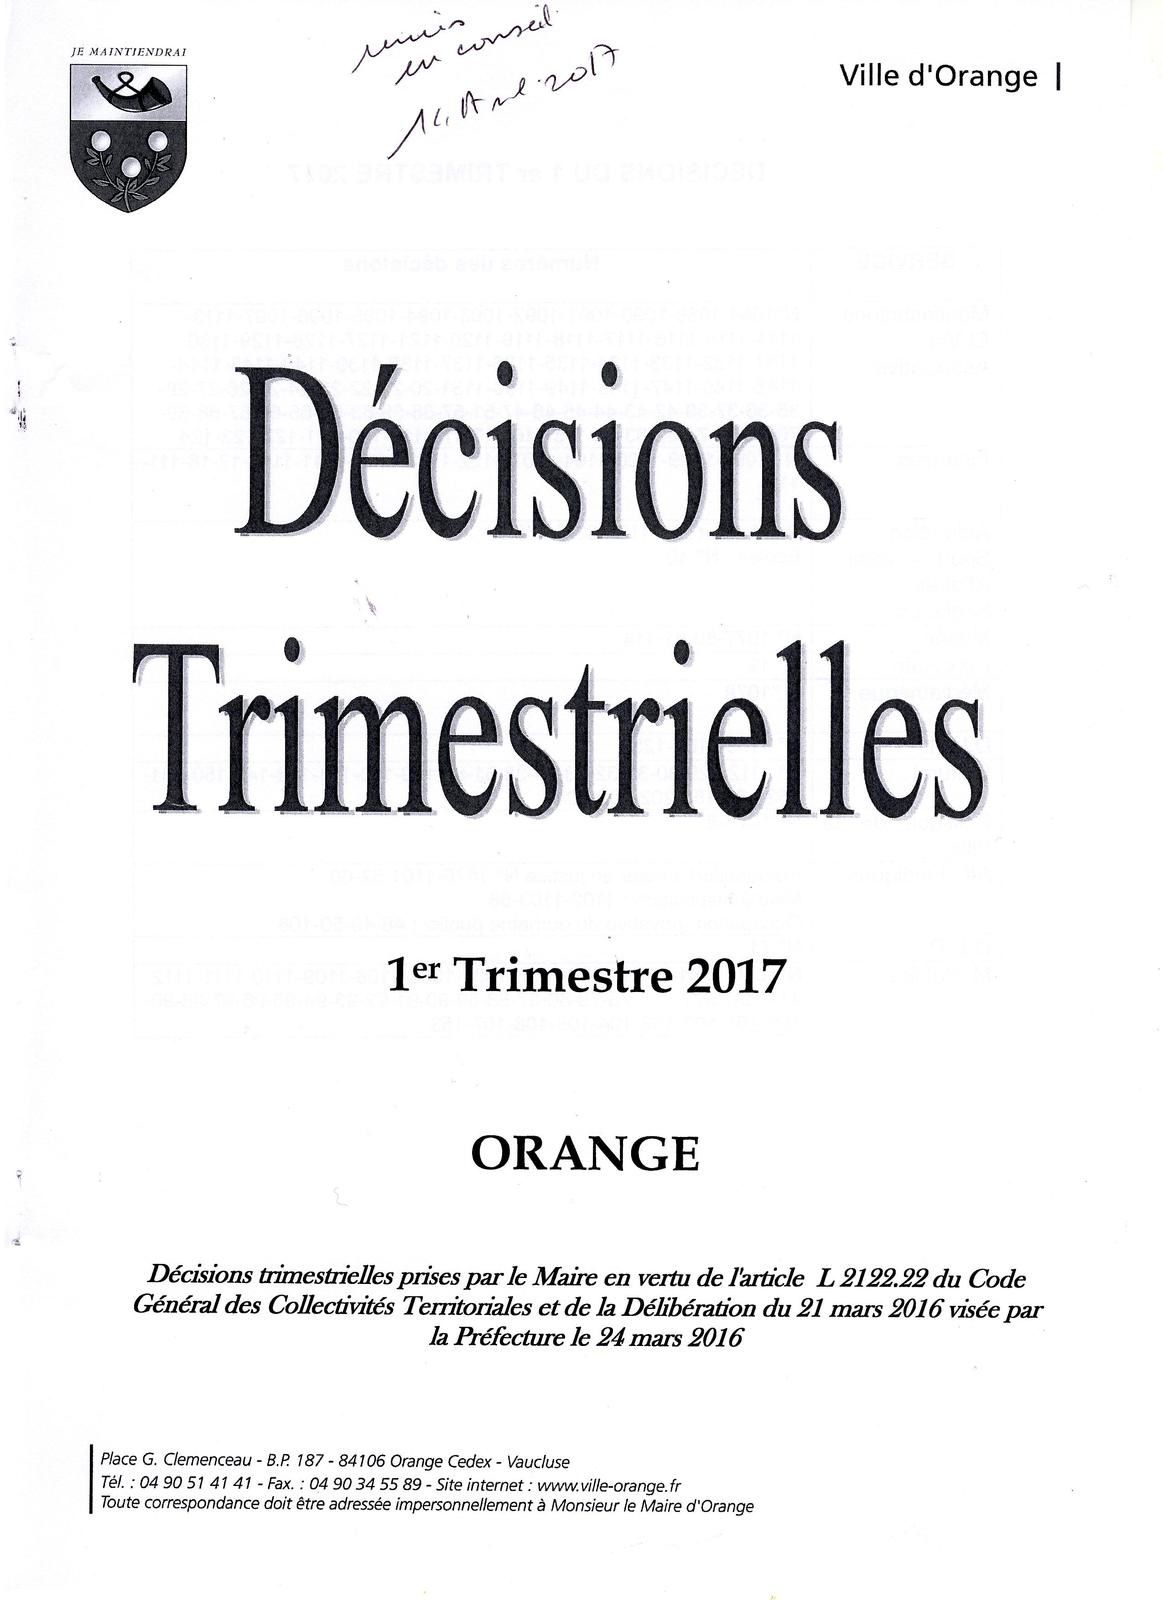 Décisions premier trimestre 2017